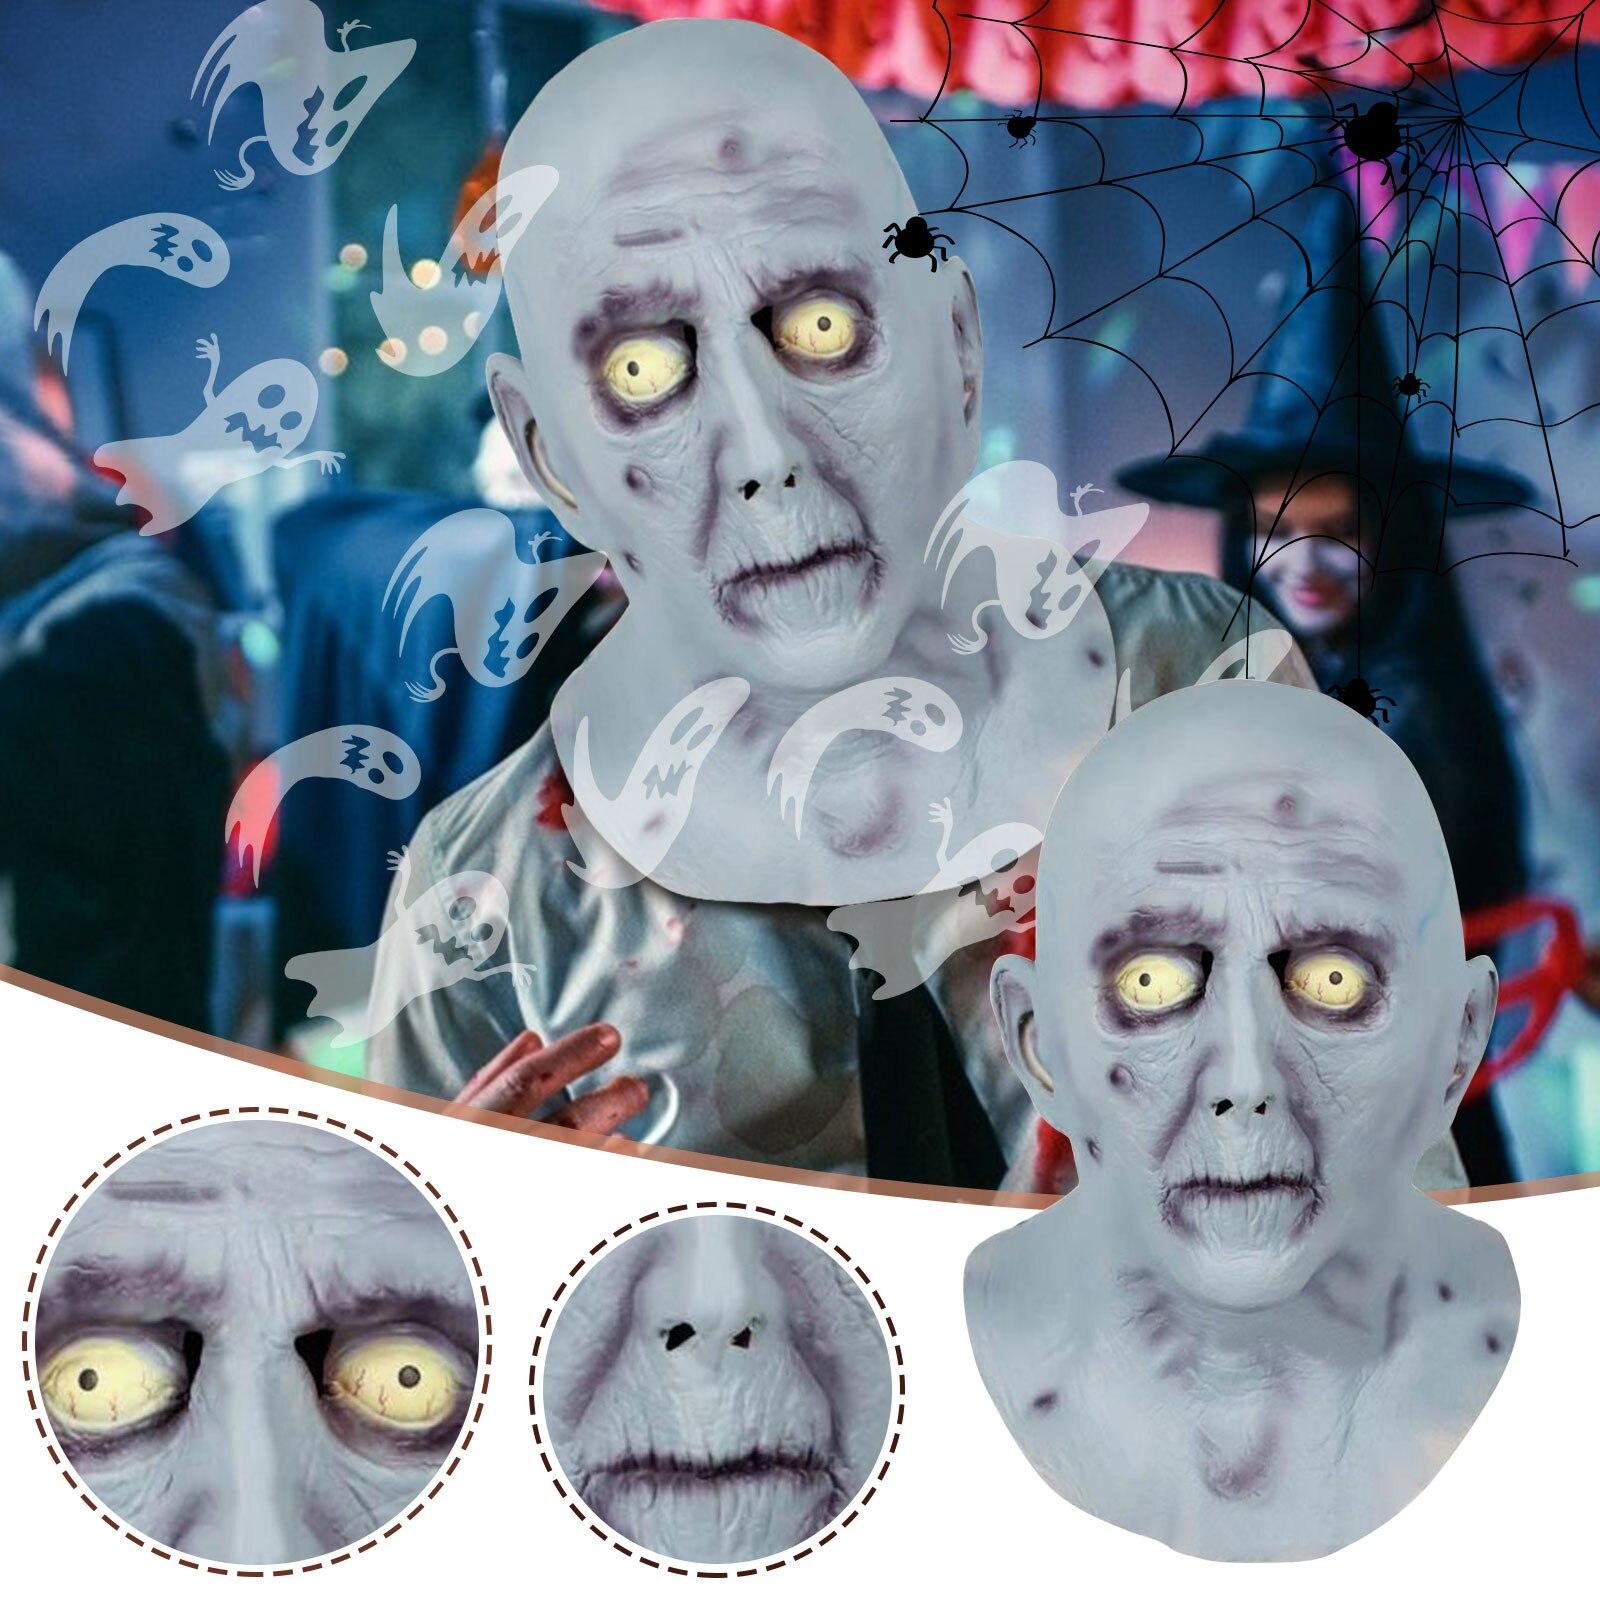 bruxas mascara do dia das bruxas assustadora dropshipping e atacado 05